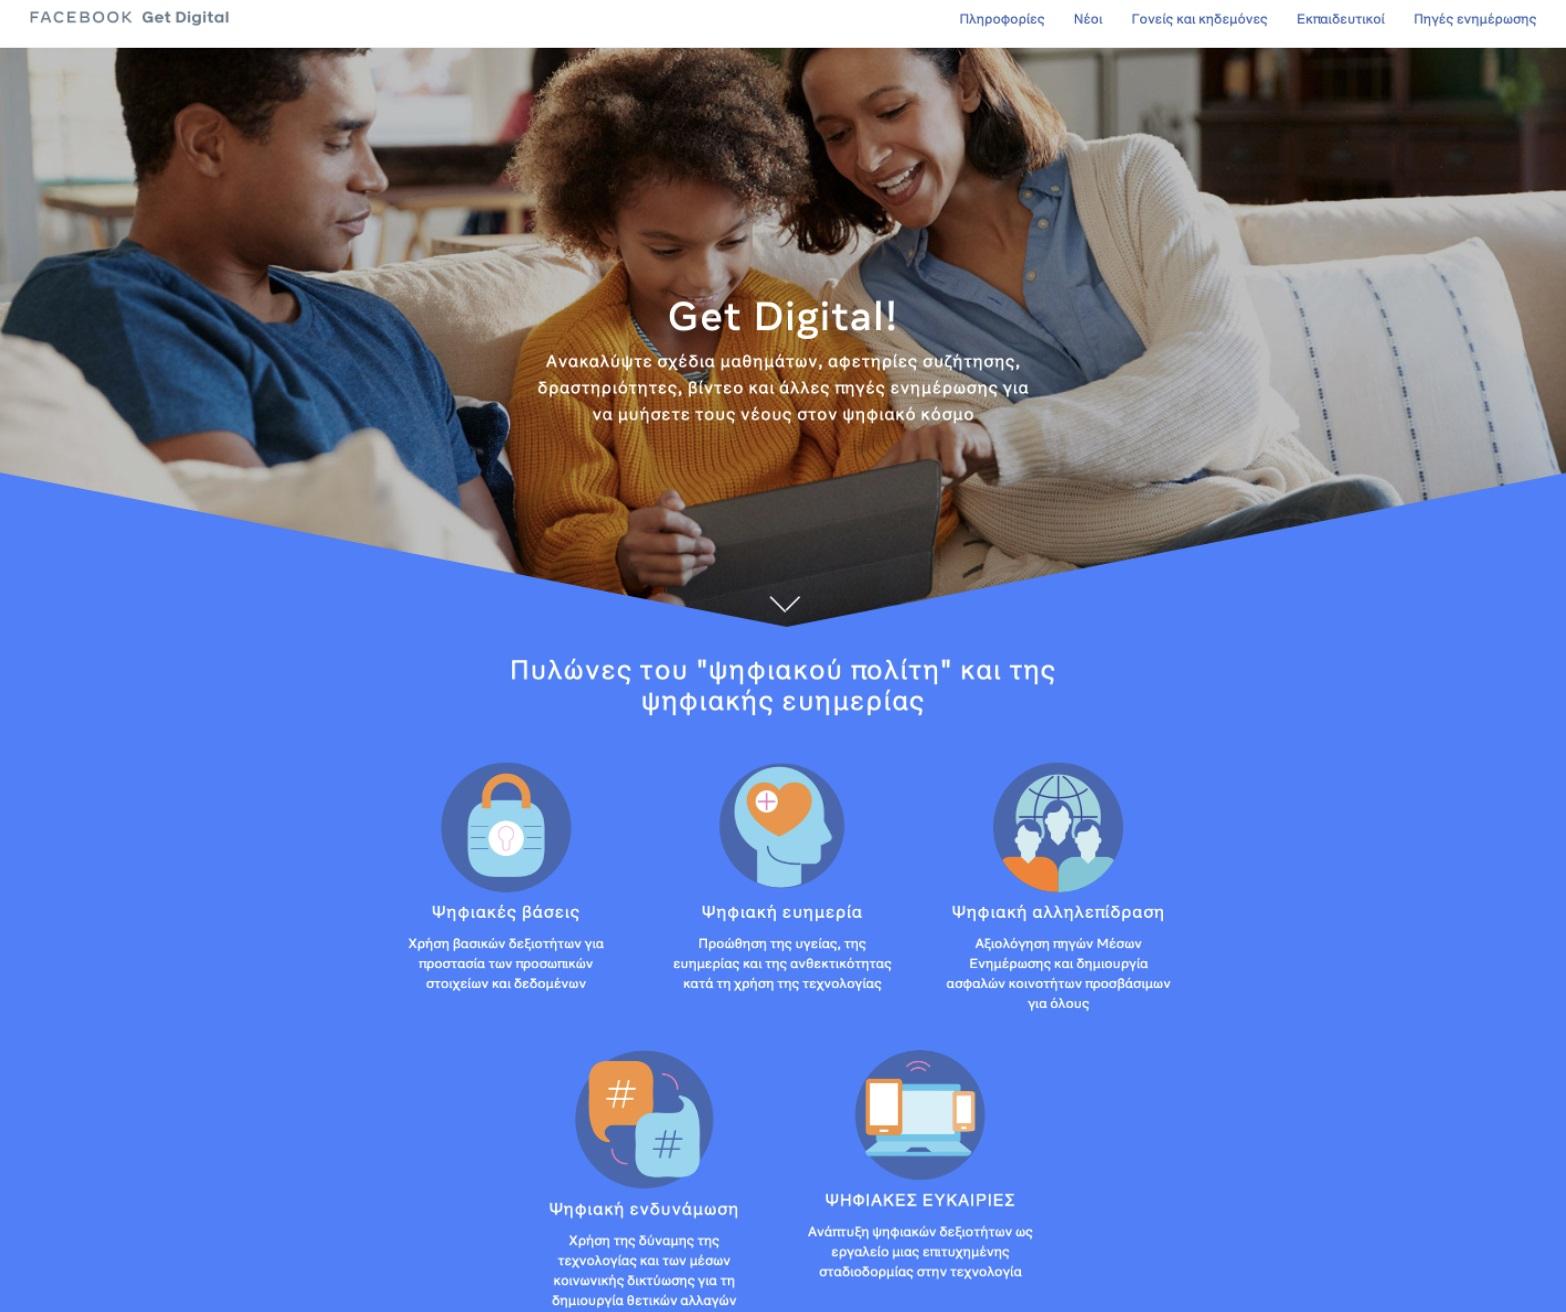 Το Facebook εγκαινιάζει το Get Digital στην Ελλάδα | 5 δωρεάν διαδικτυακά σεμινάρια